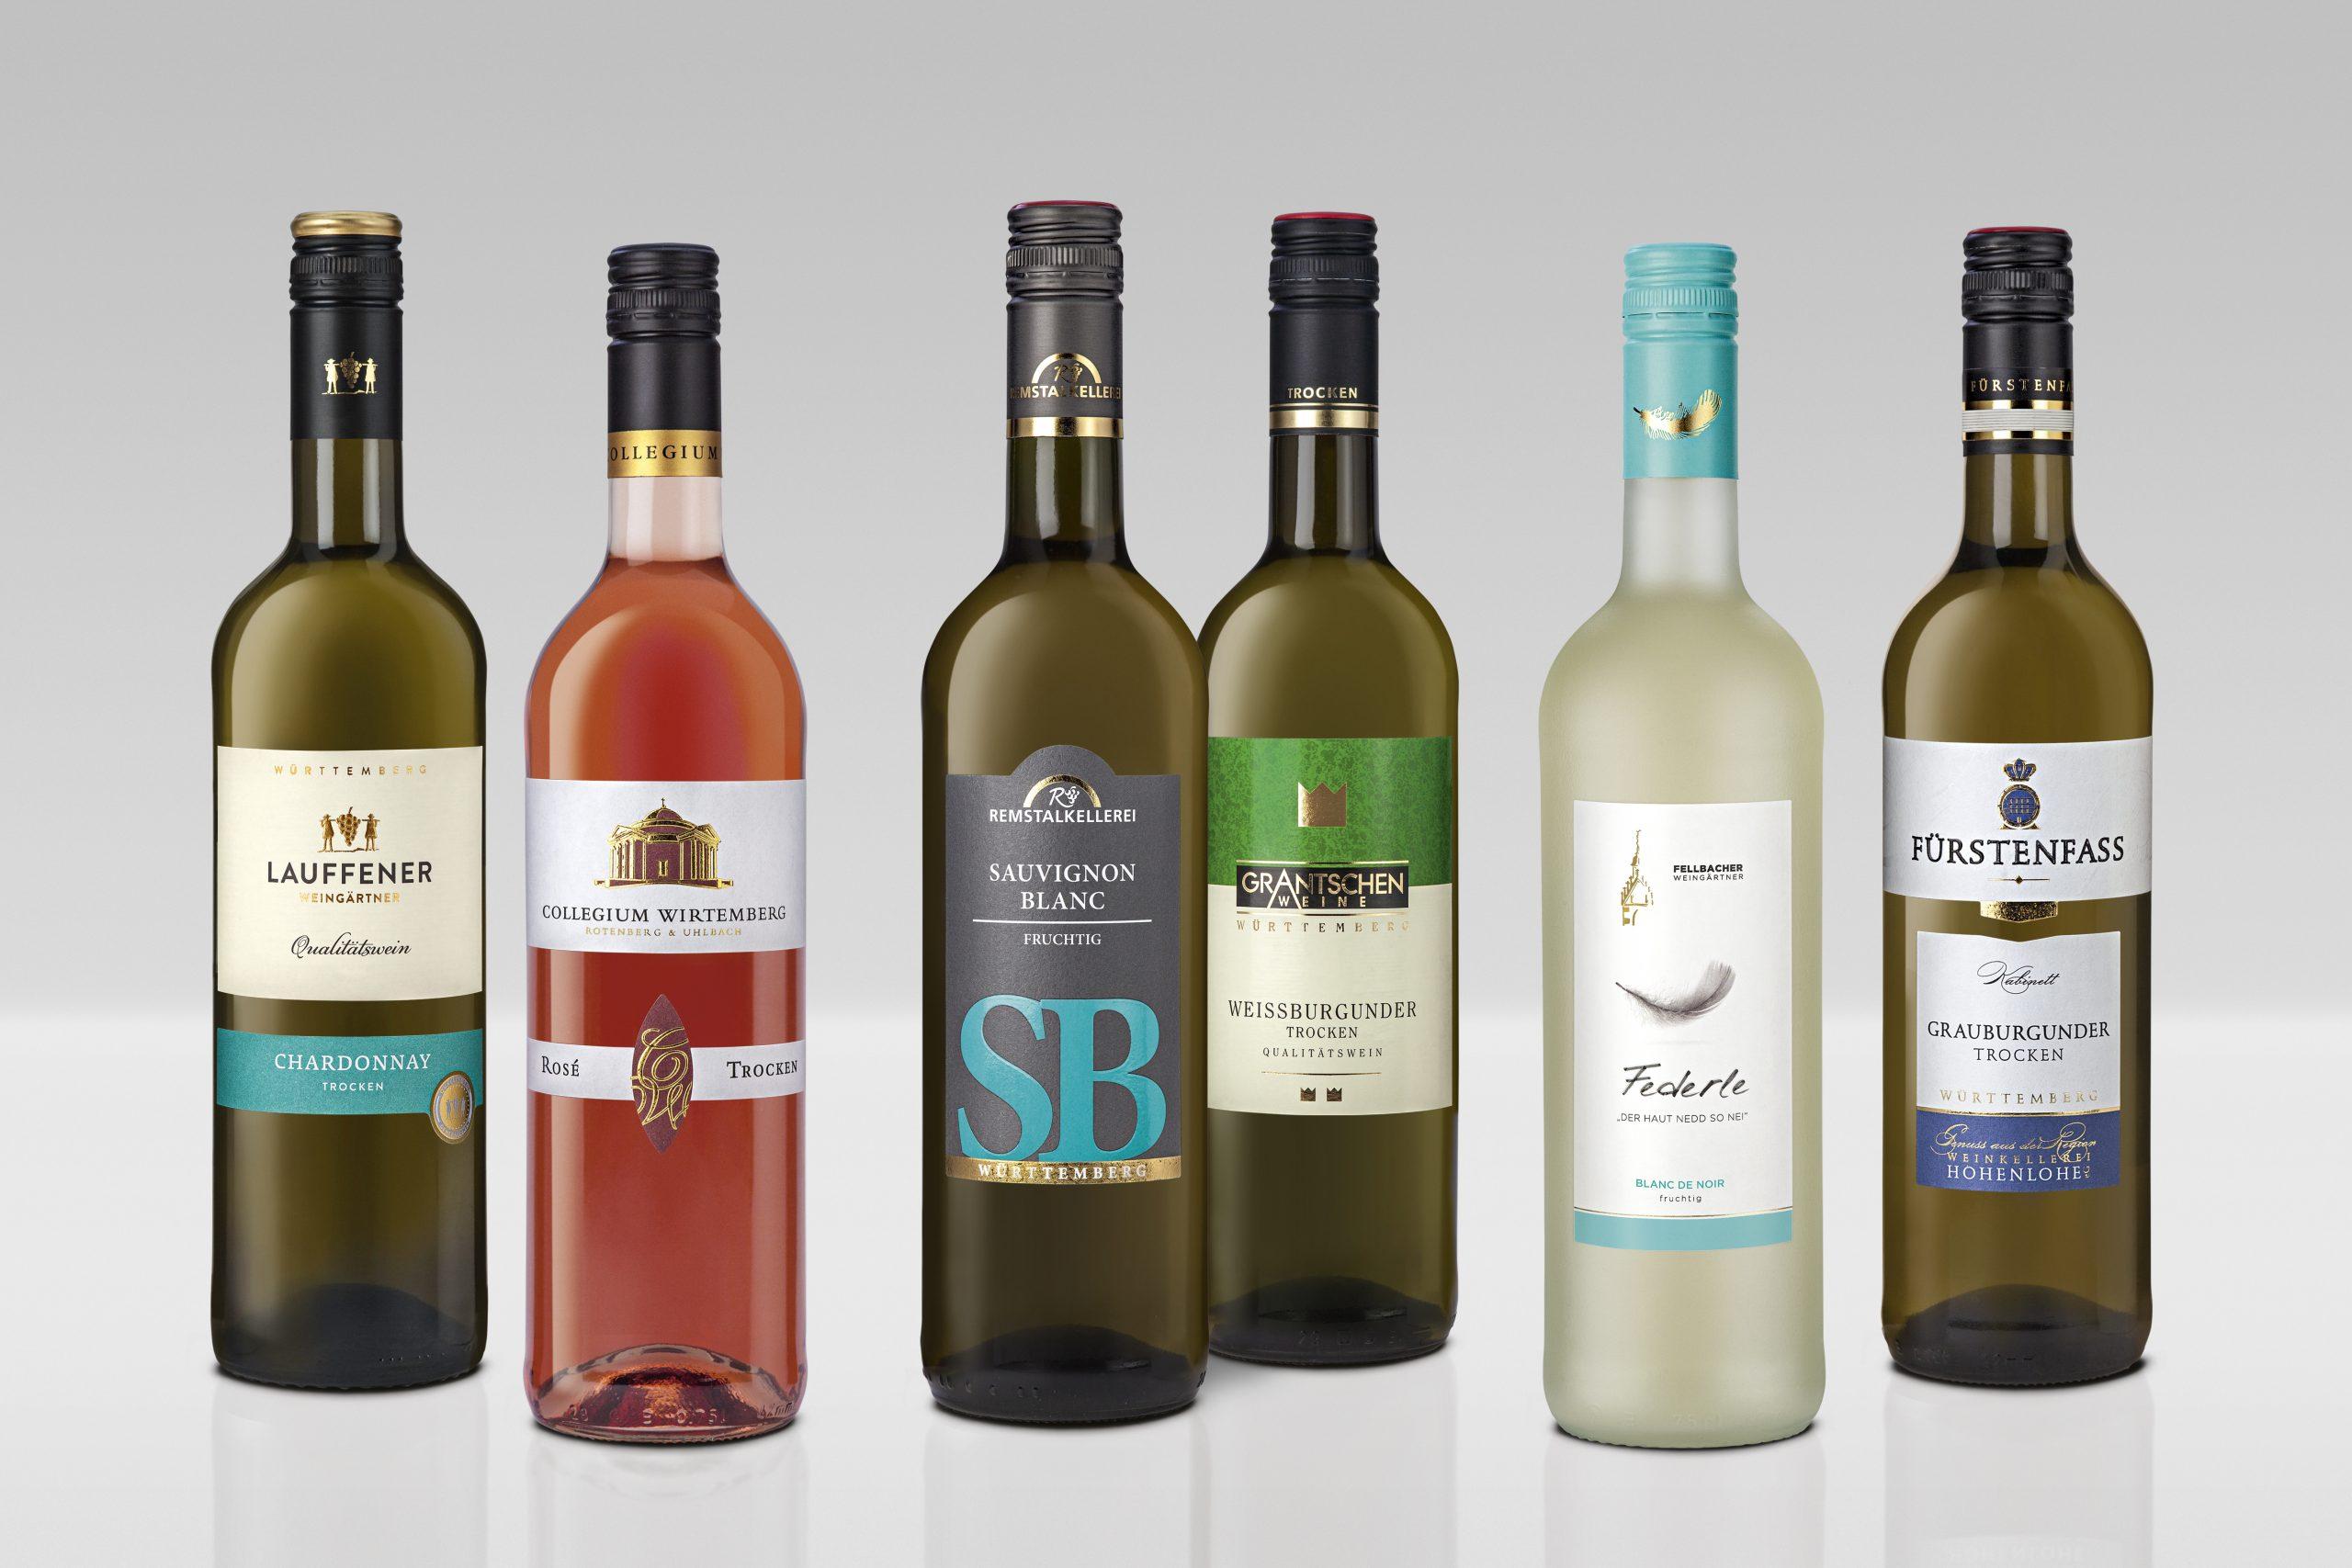 Spargelpaket 2021 der Weinheimat Württemberg